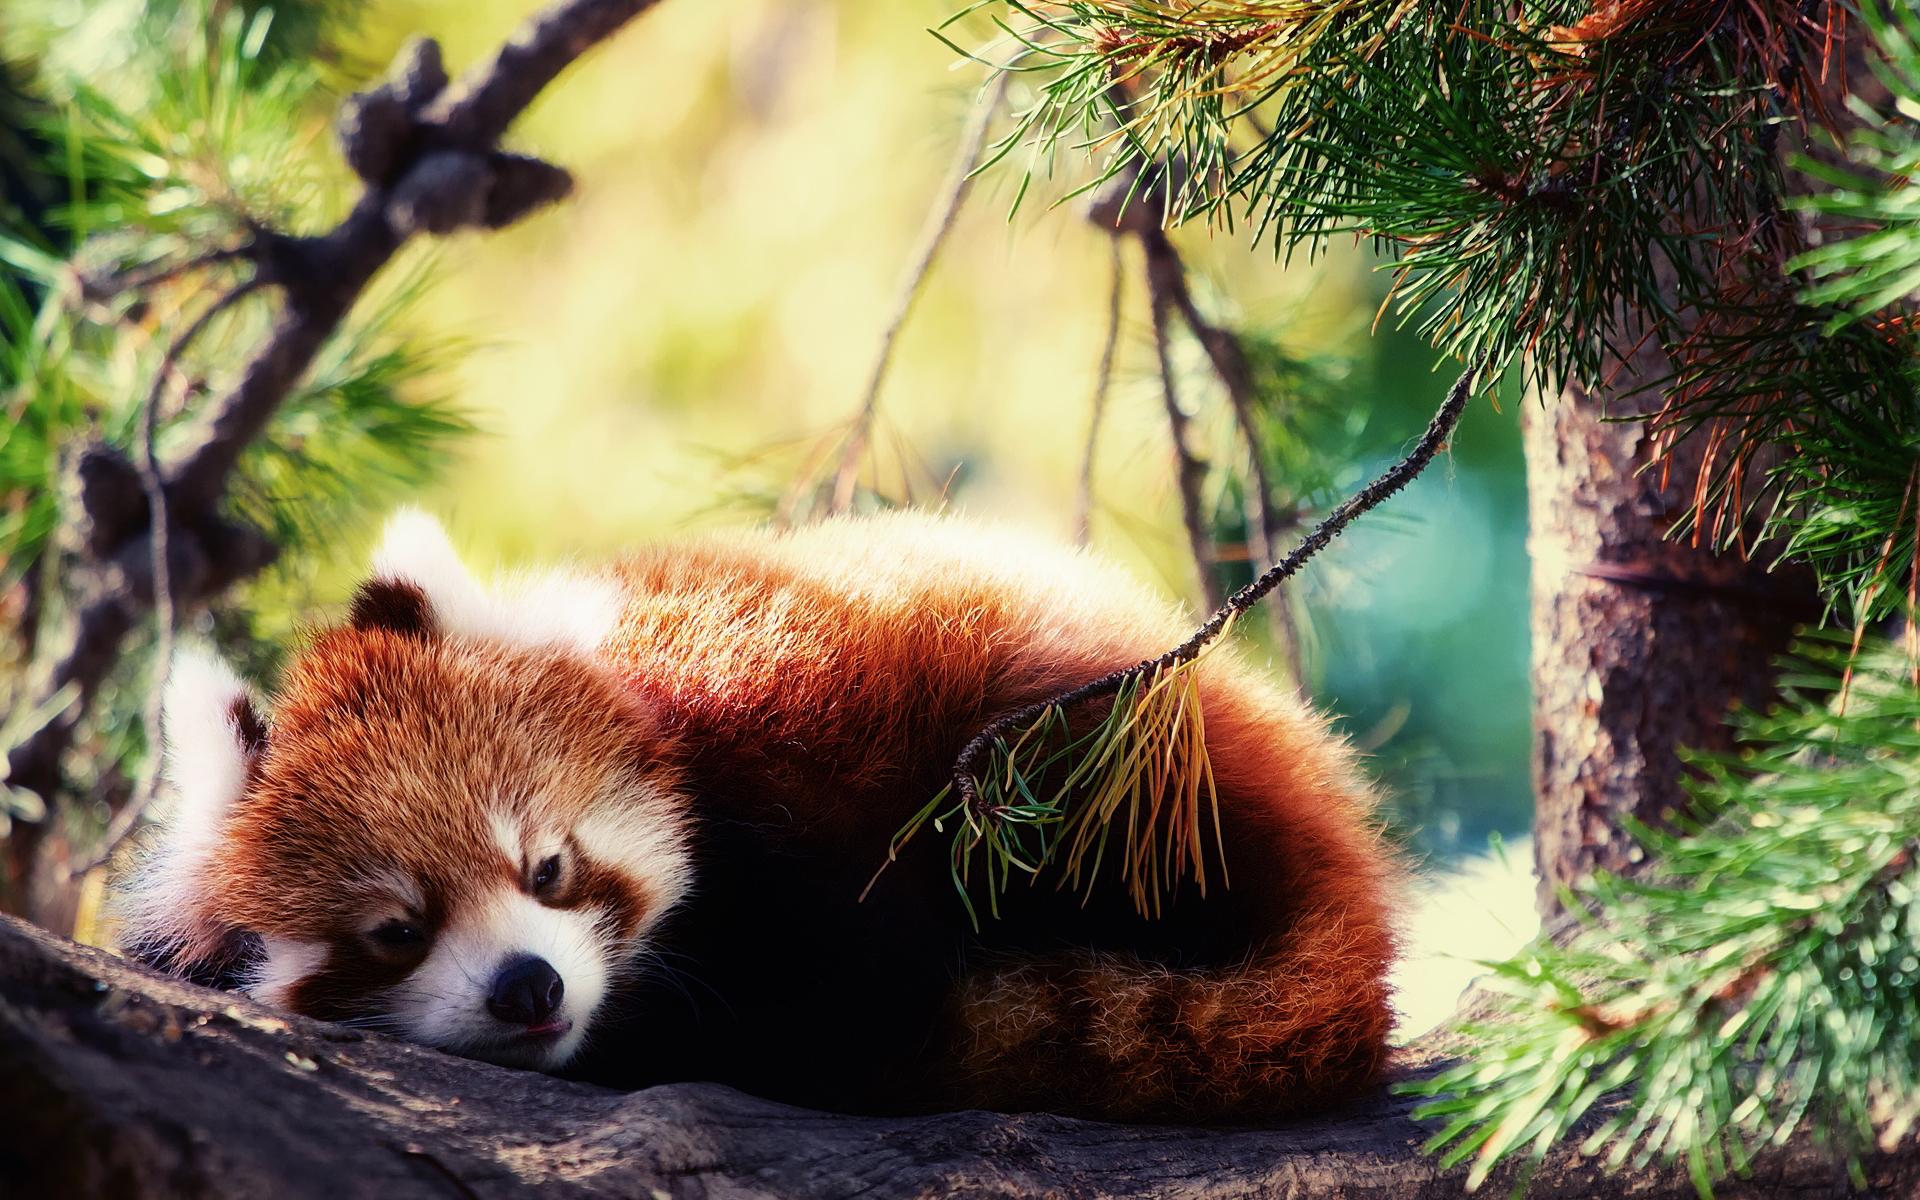 panda images hd